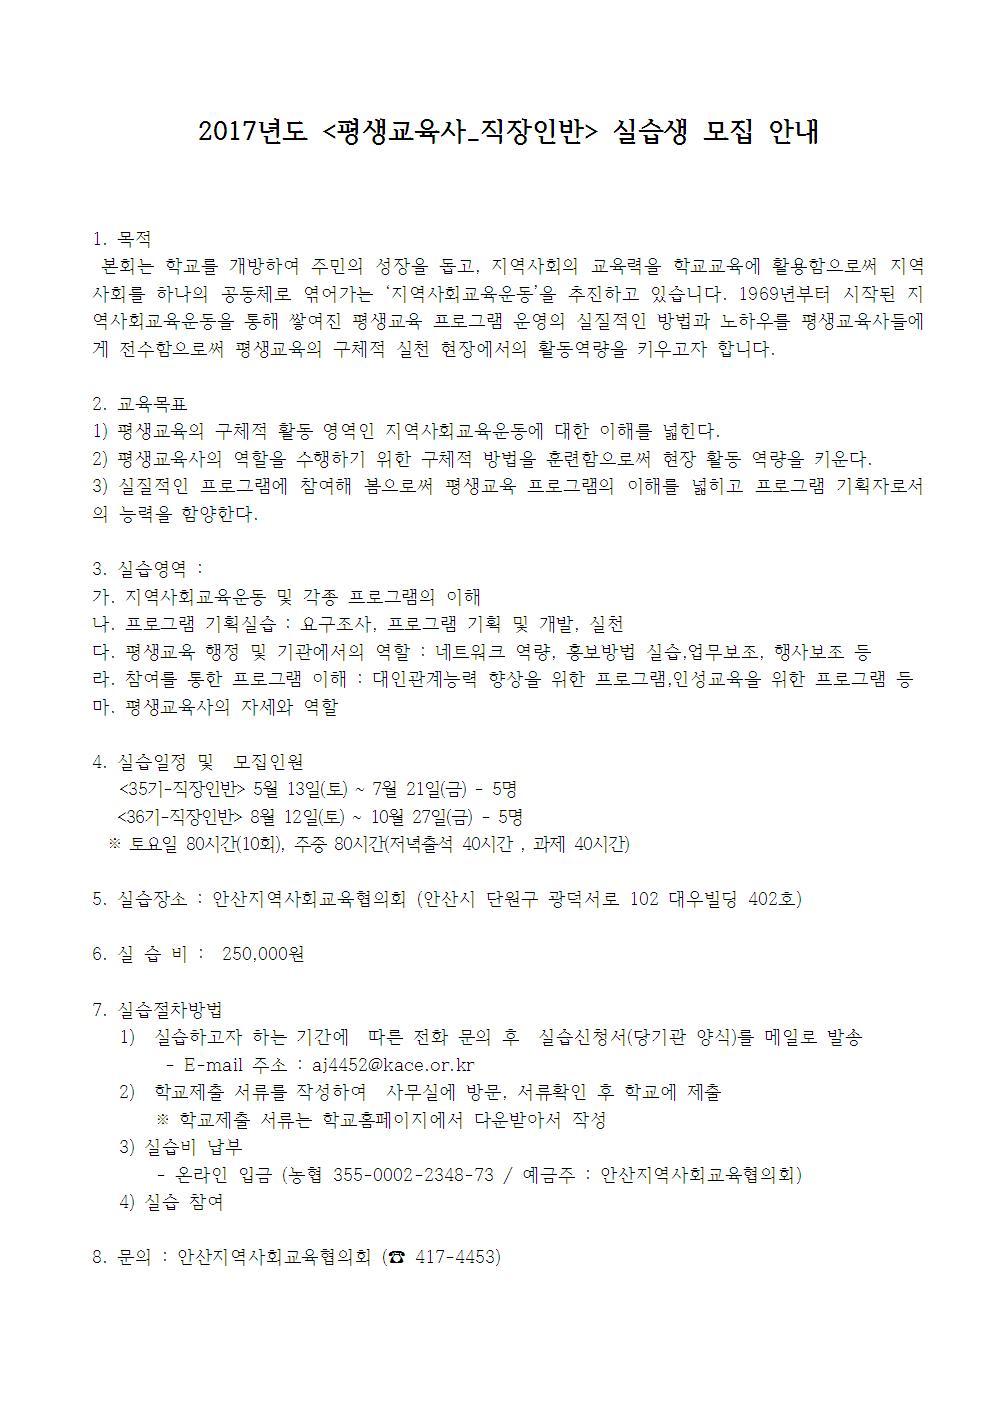 평생교육사 모집 안내(직장인반)_2017001.jpg